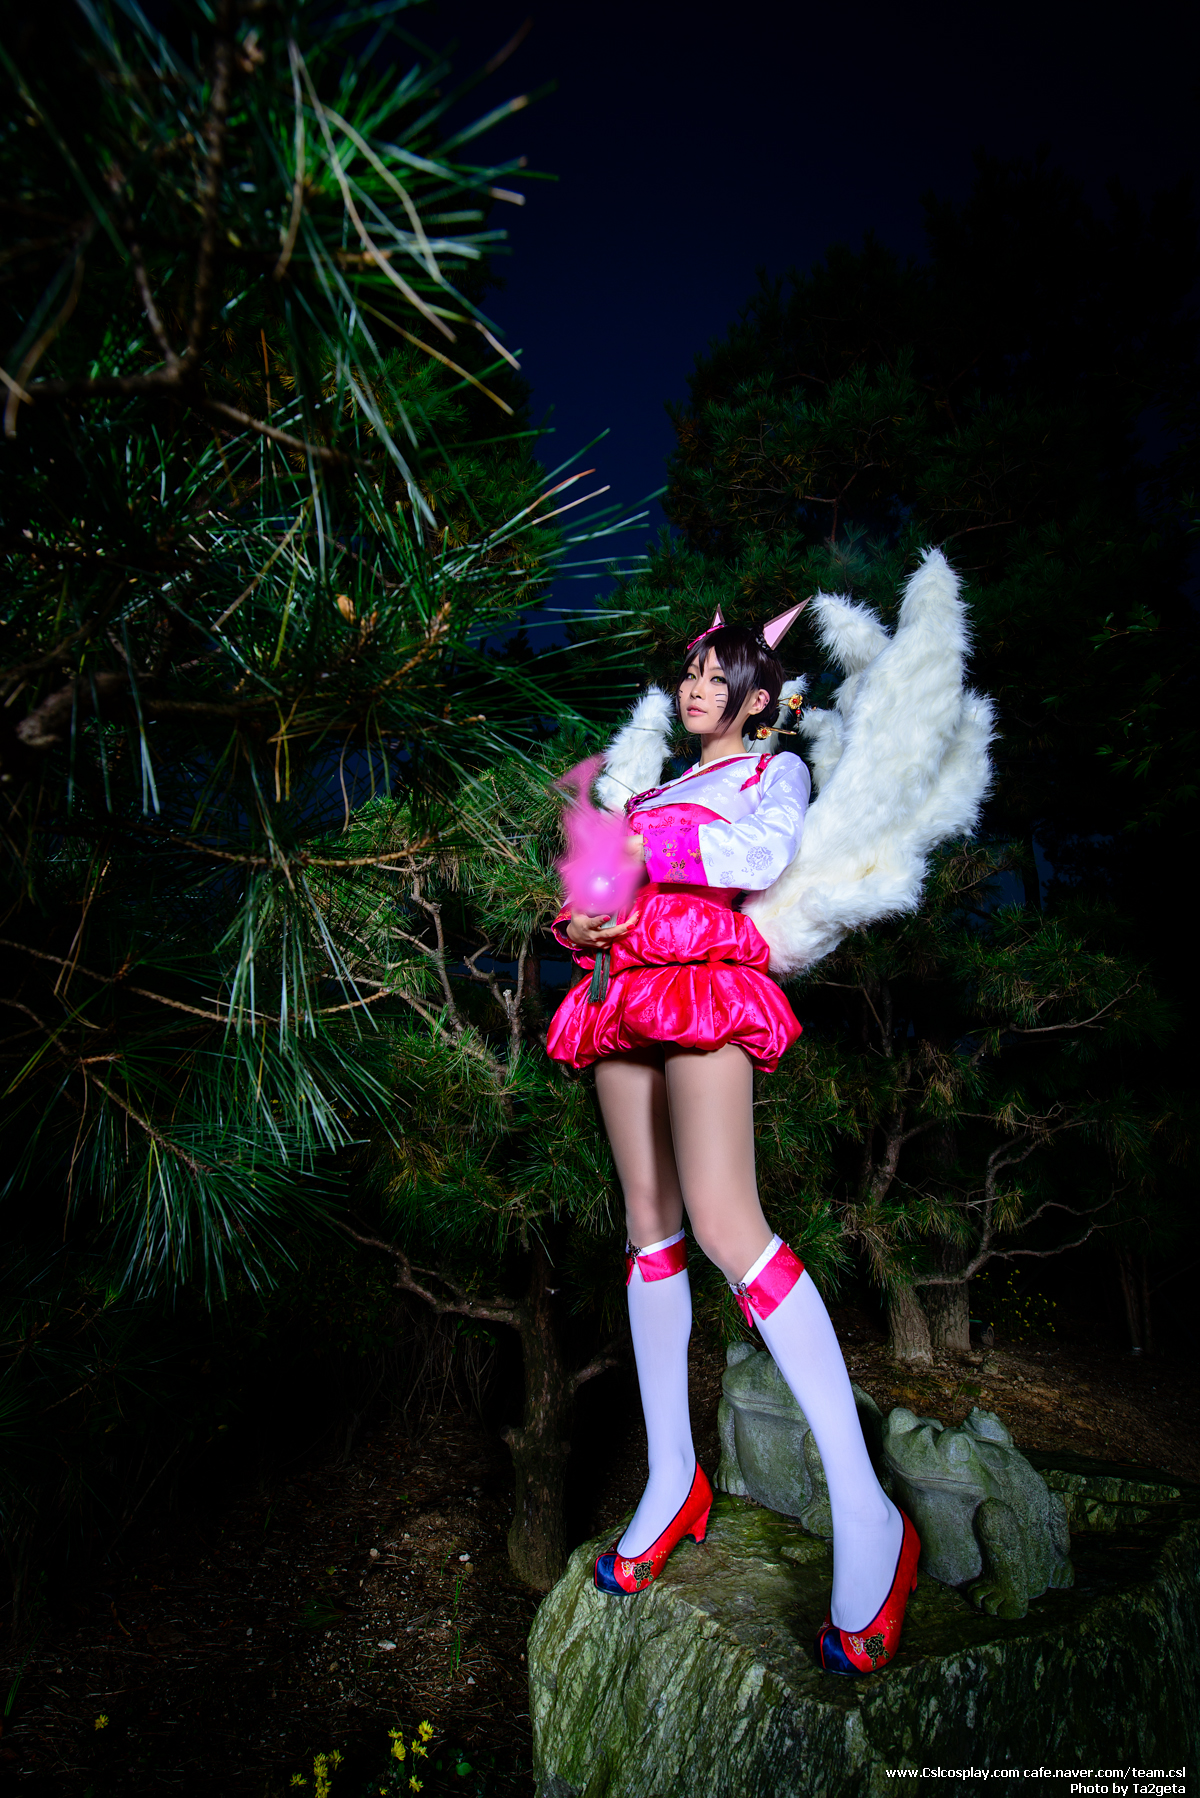 Ngắm cosplay Ahri Hàn Triều cực quyến rũ - Ảnh 3